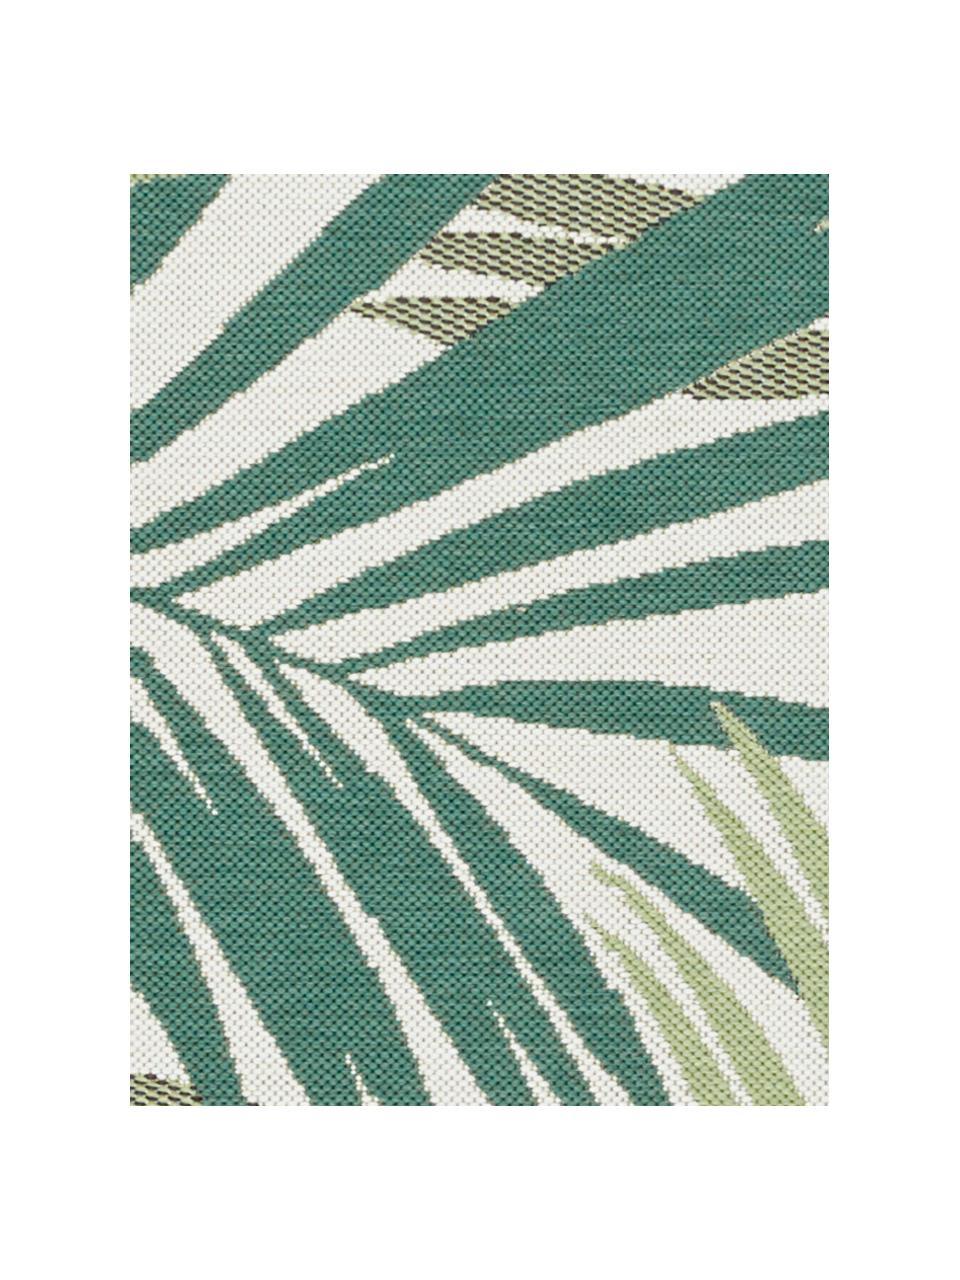 In- & Outdoor-Teppich Vai mit Blattmuster, 100% Polypropylen, Grüntöne, Beige, B 200 x L 290 cm (Größe L)